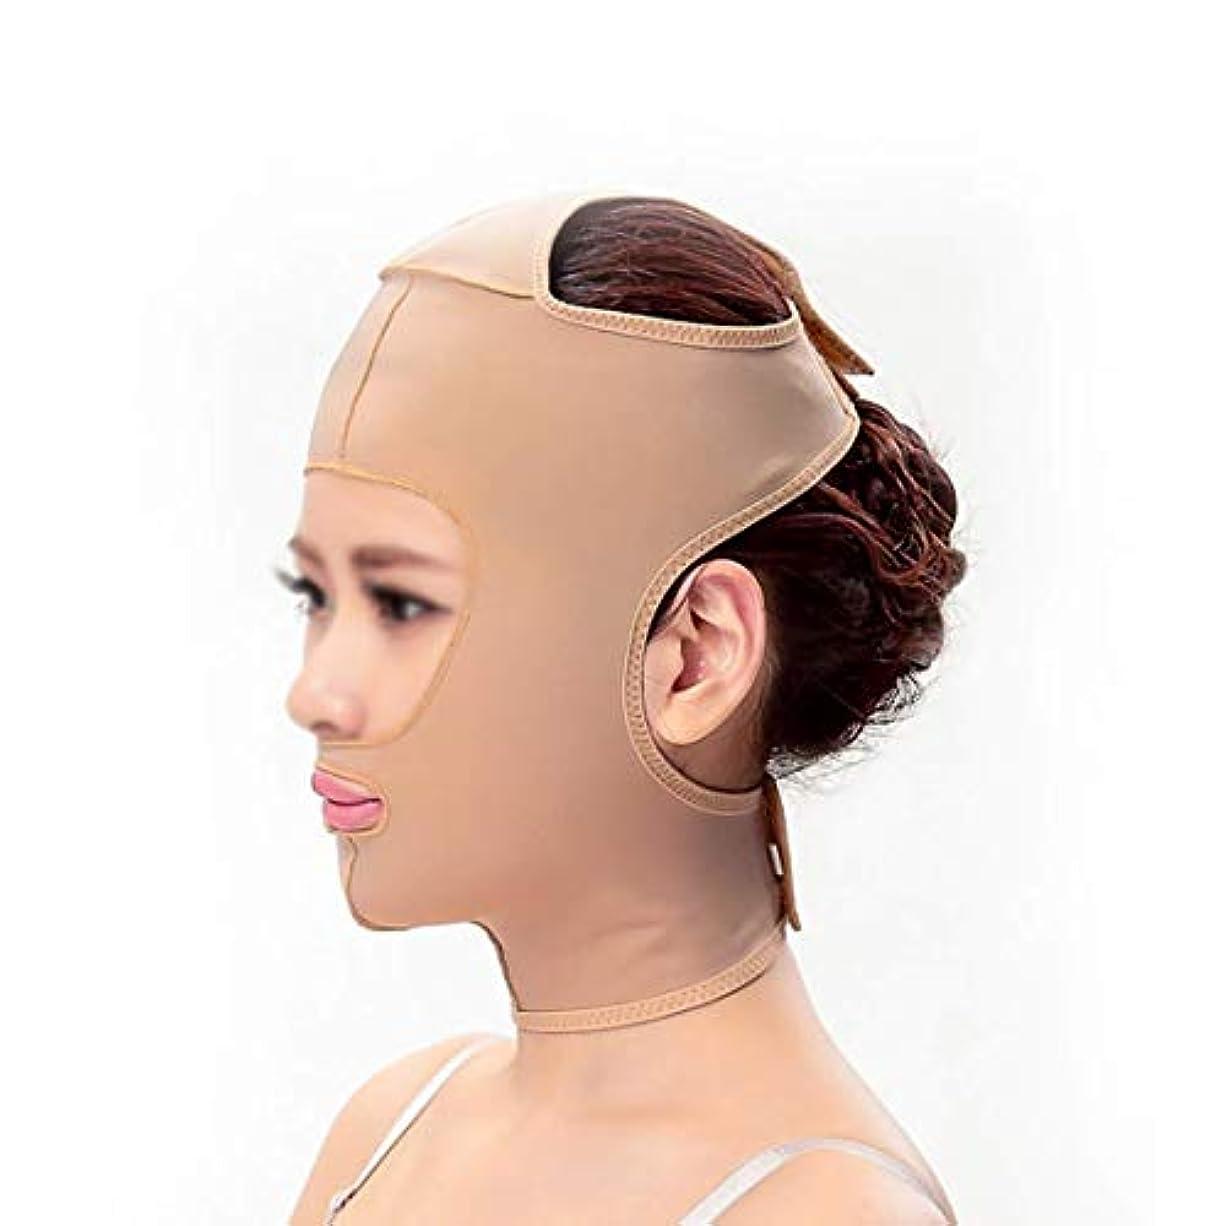 前部コンソール把握スリミングベルト、二重あごの引き締め顔面プラスチックフェイスアーティファクト強力なフェイスバンデージをサイズアップするために顔面マスクシンフェイスマスク,M